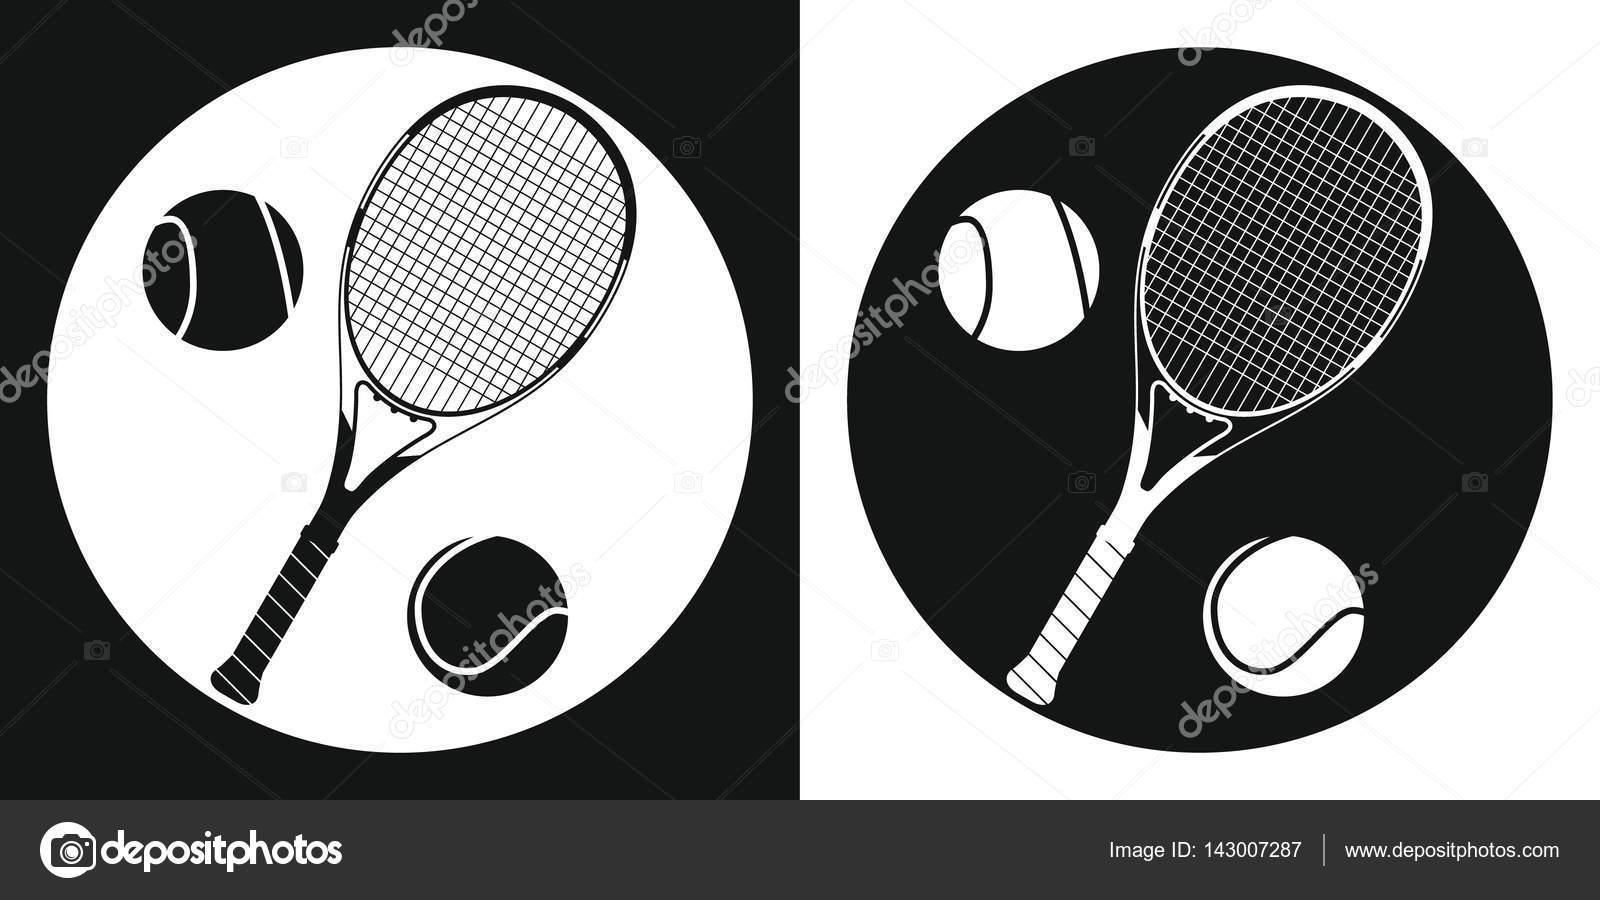 Tennis ball silhouette